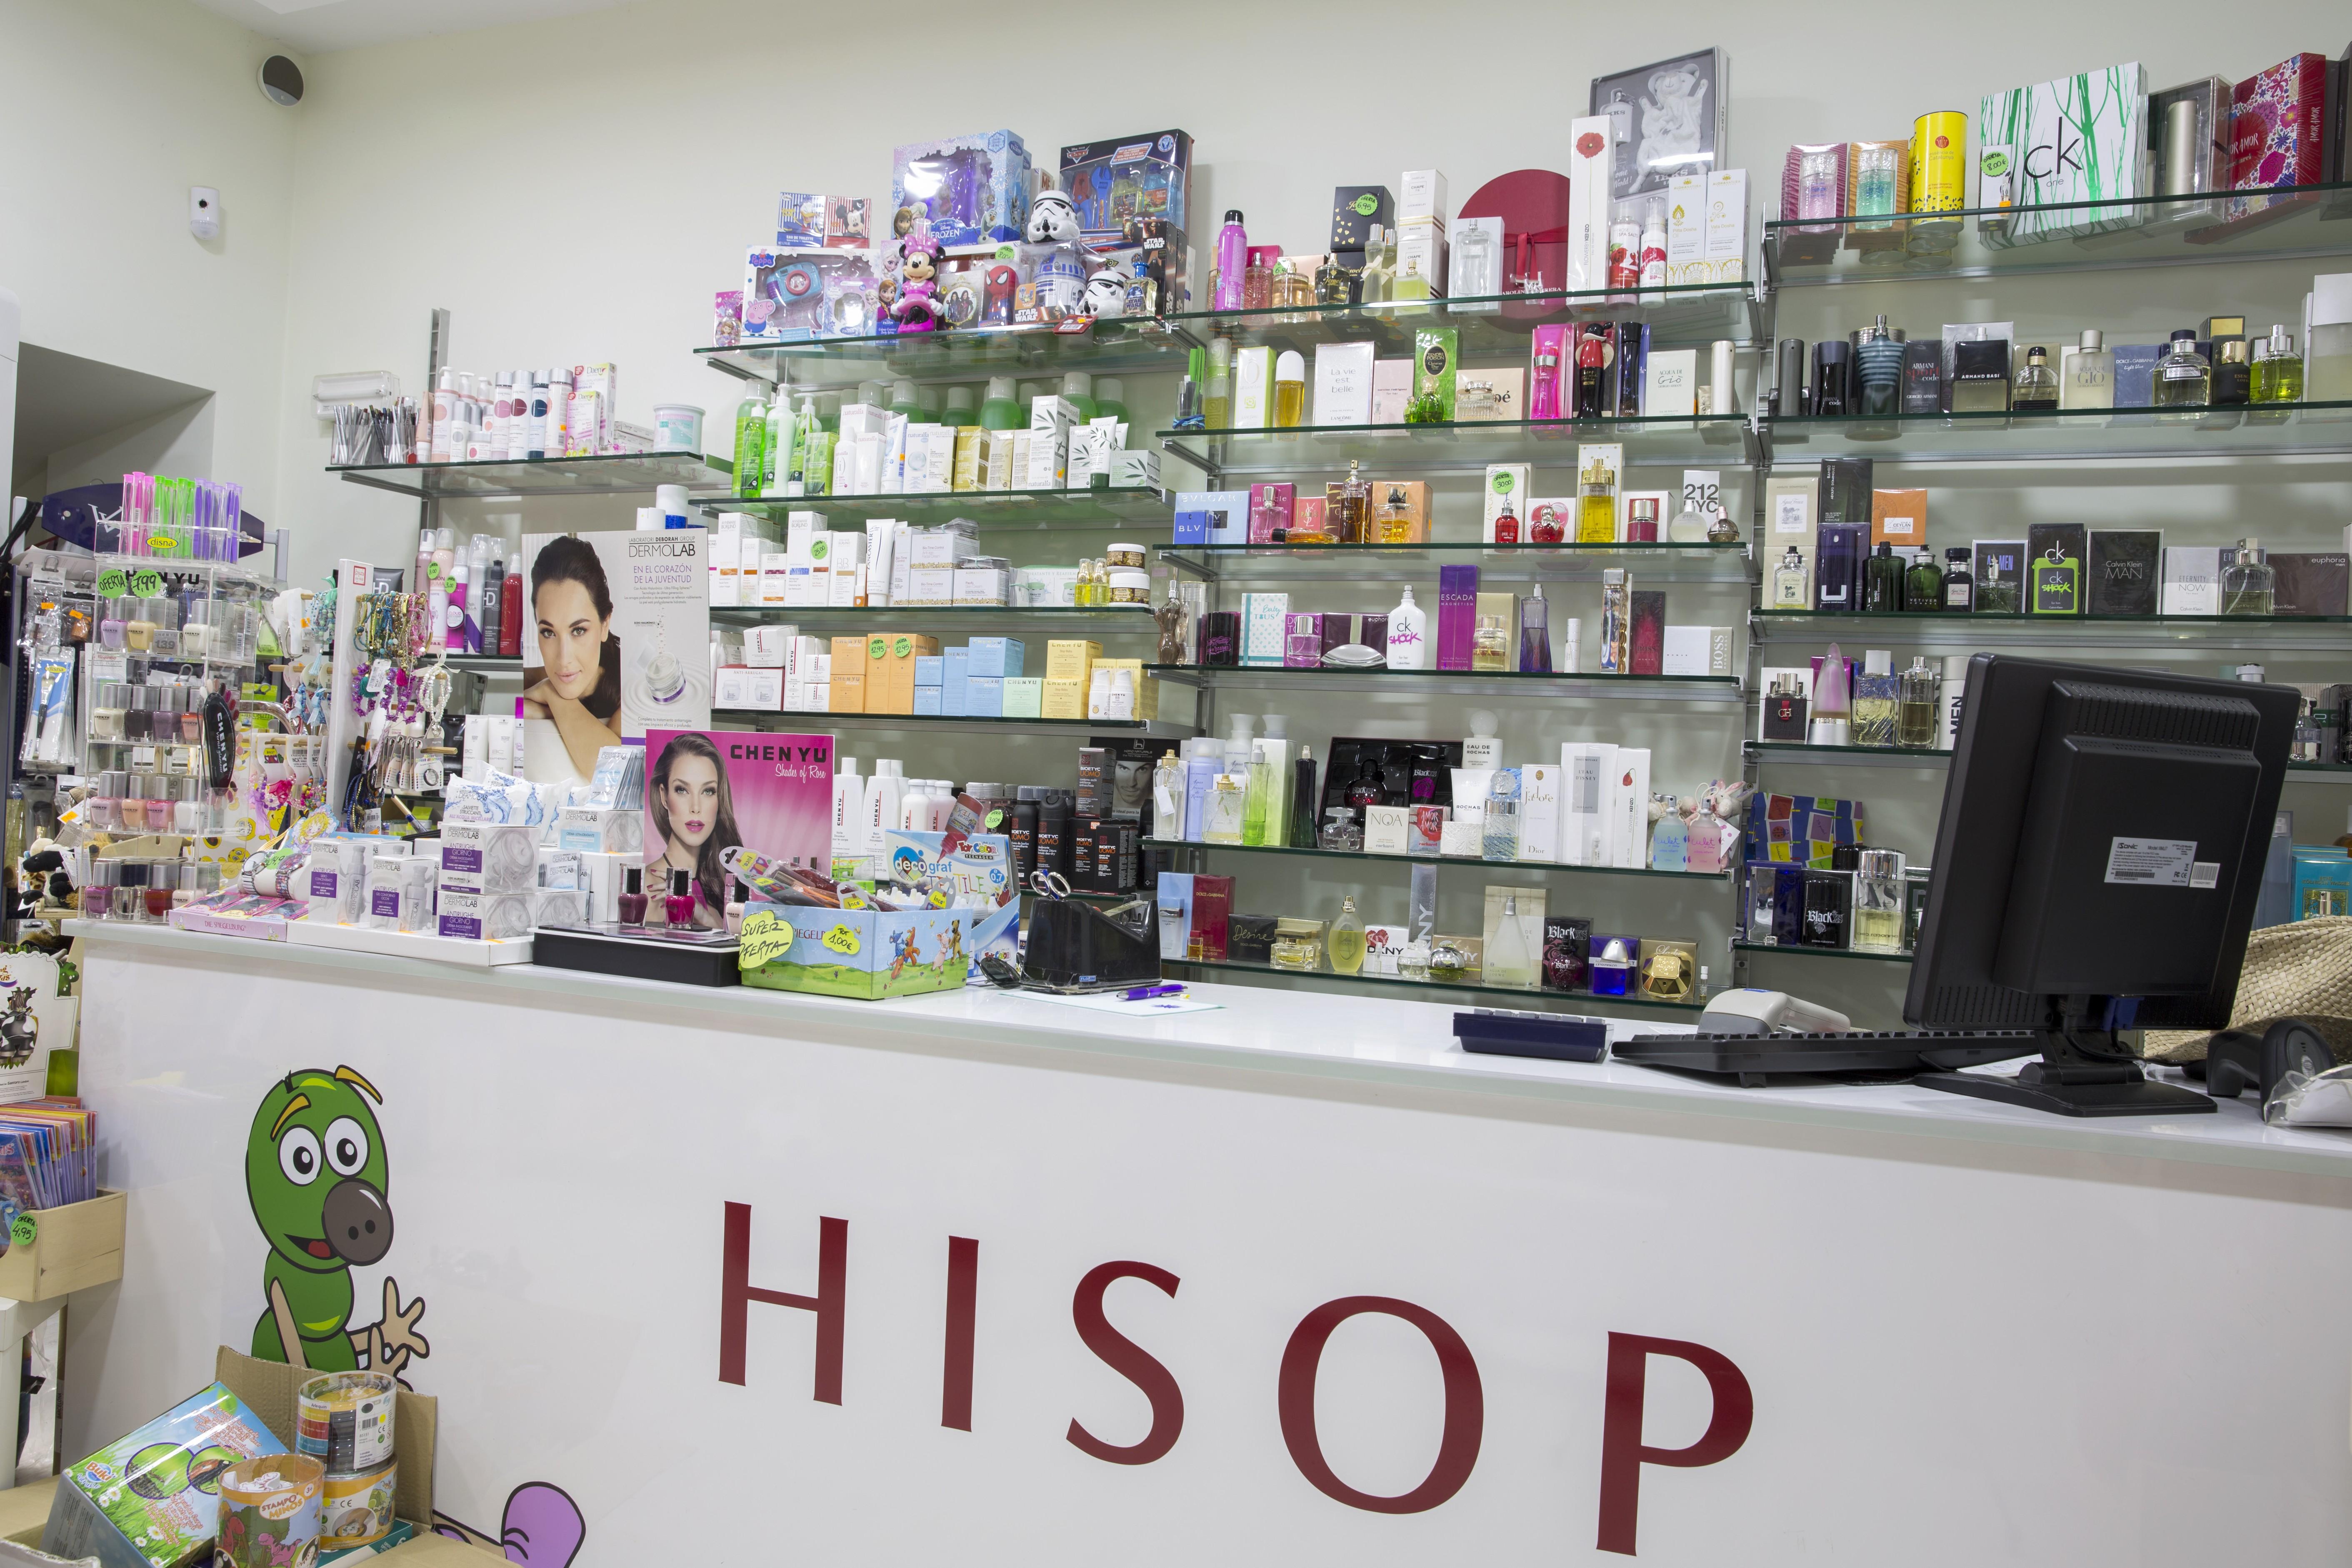 Hisop9